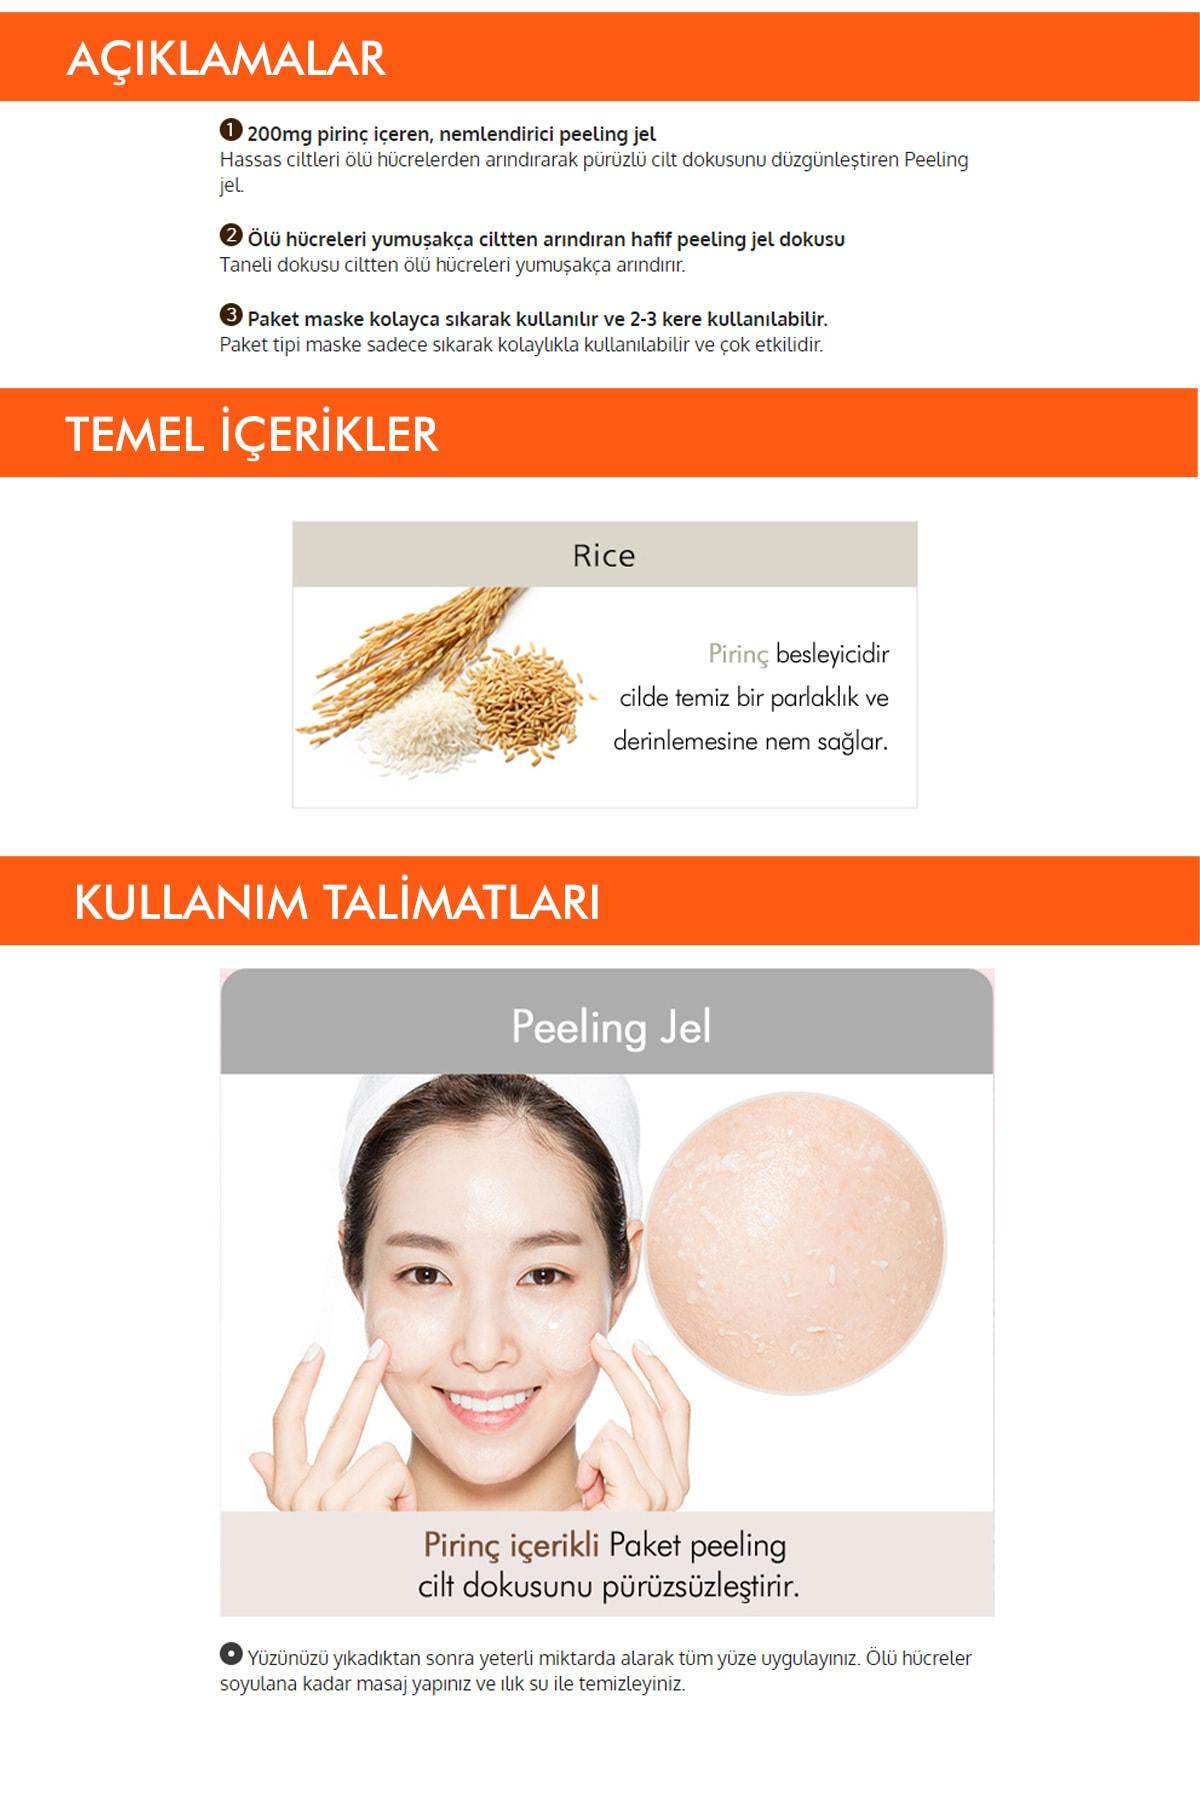 Missha Ölü Deri Arındırıcı Aydınlatıcı Pirinç Peelingi 10ml Pure Source Pocket Pack Rice 2